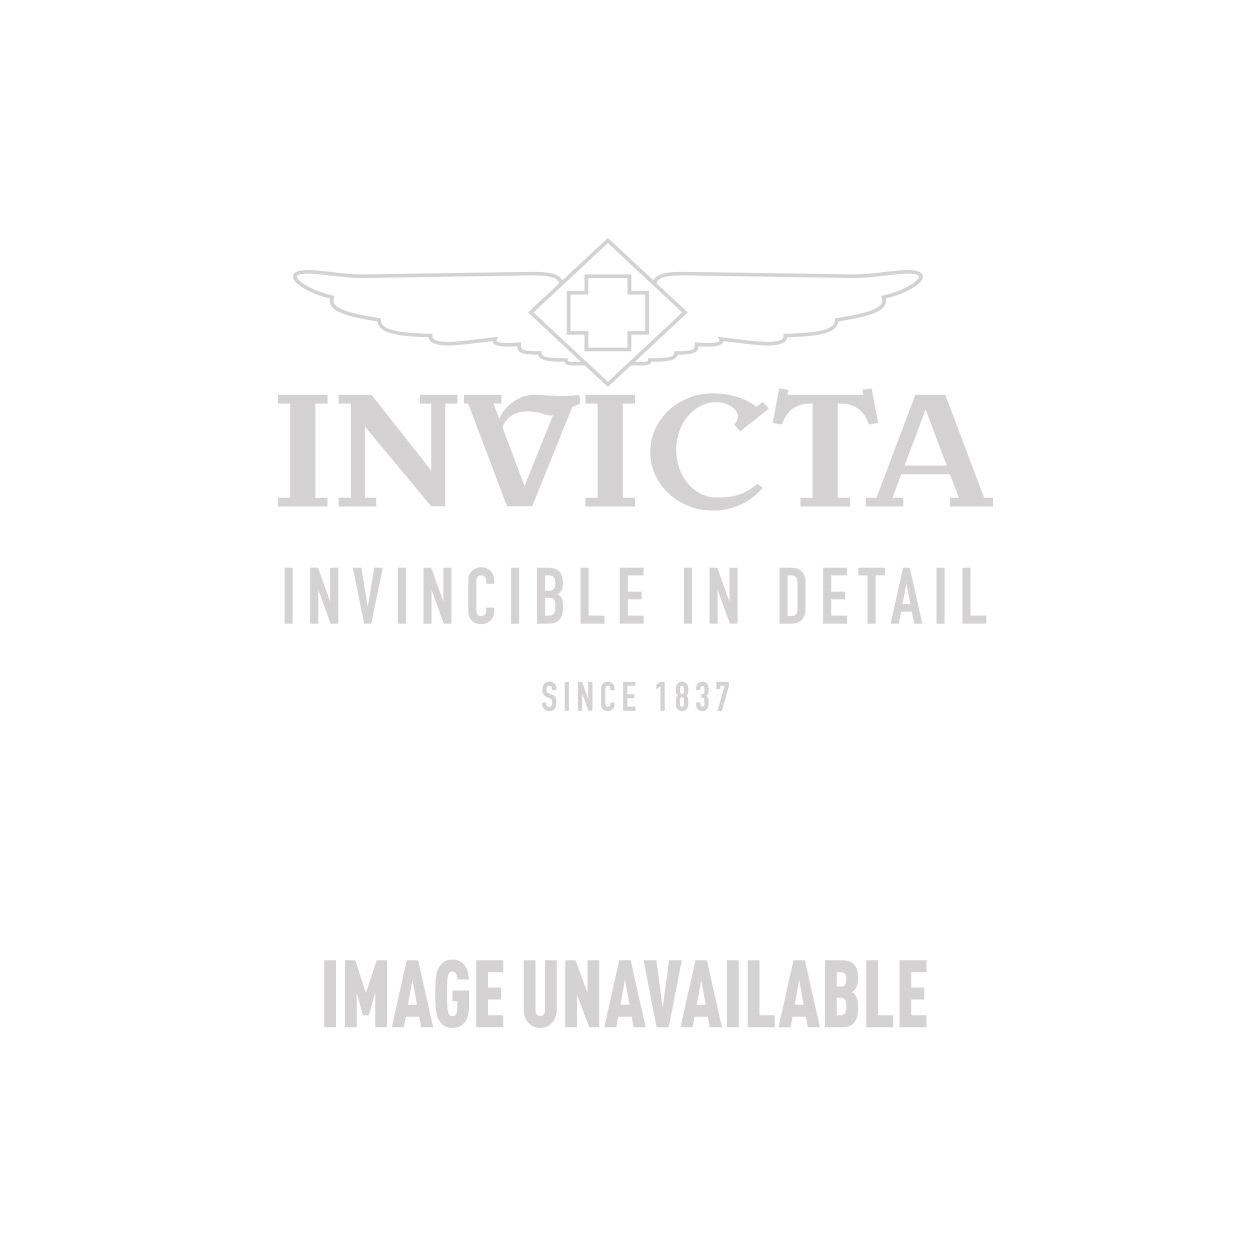 Invicta Model 27679